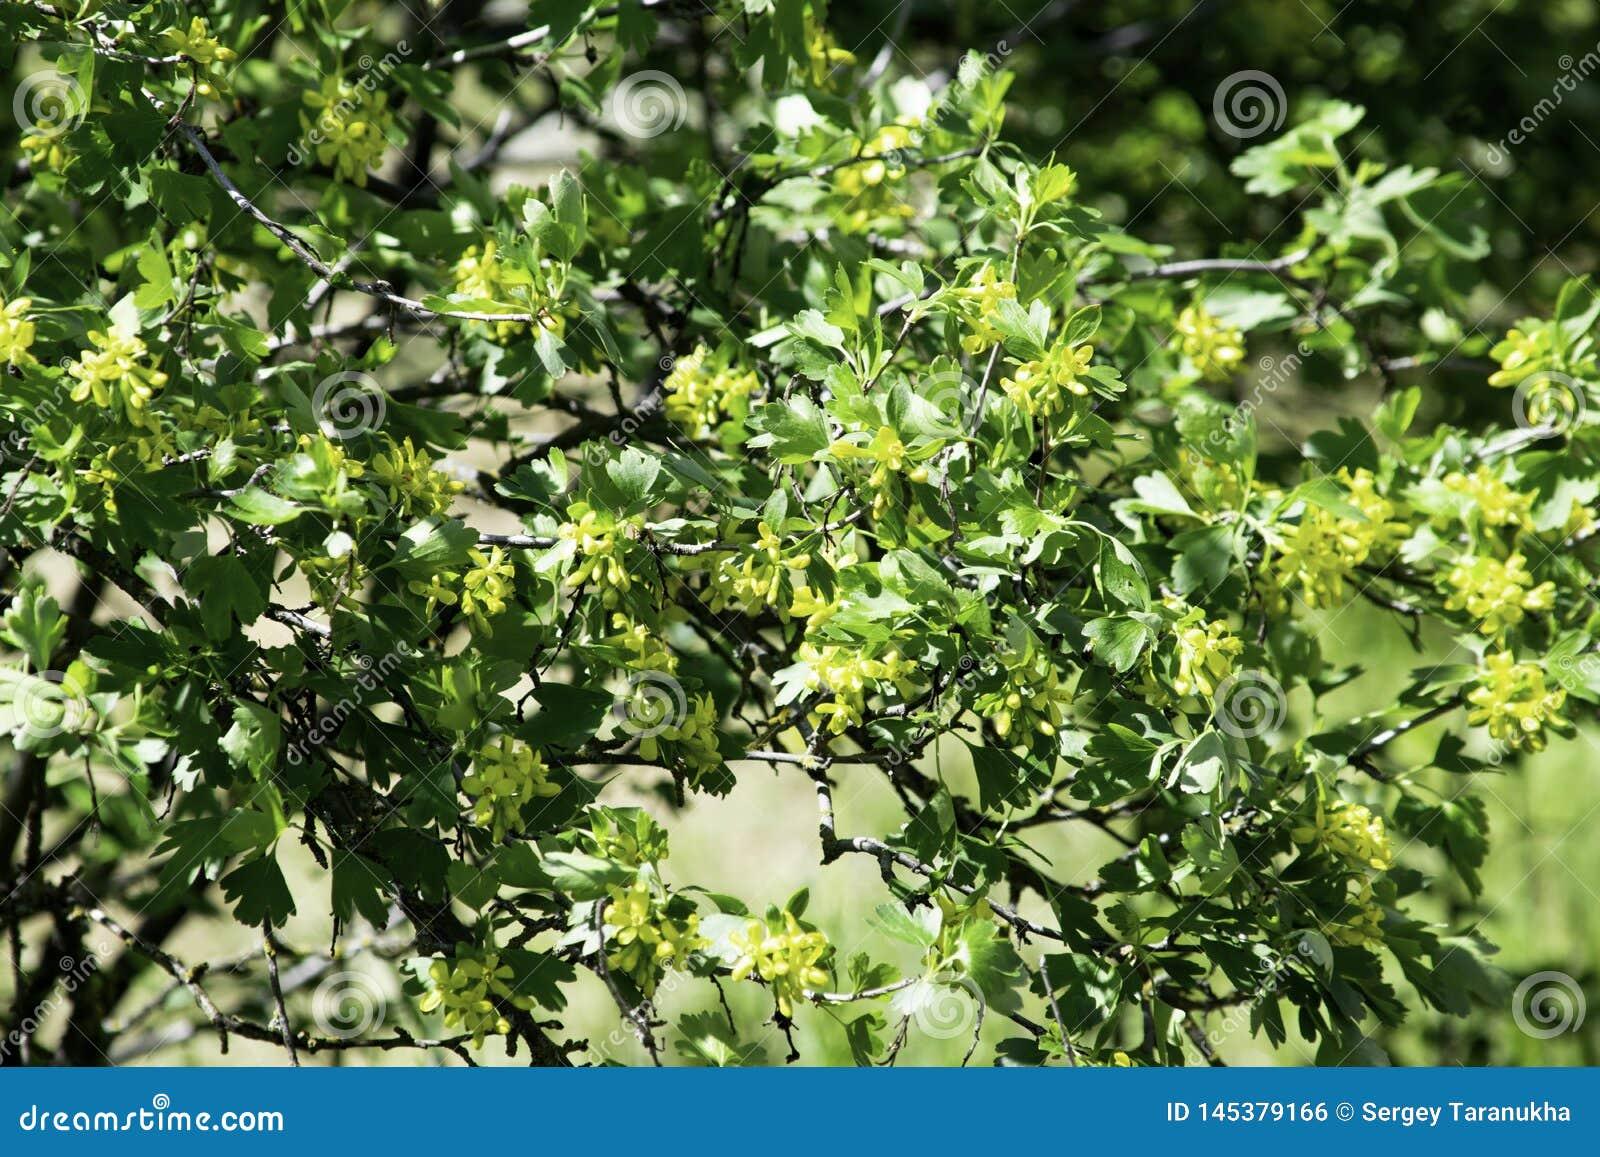 Arbusto Fiori Gialli.Arbusti Di Ribes Nero Di Fioritura In Primavera Piccoli Fiori